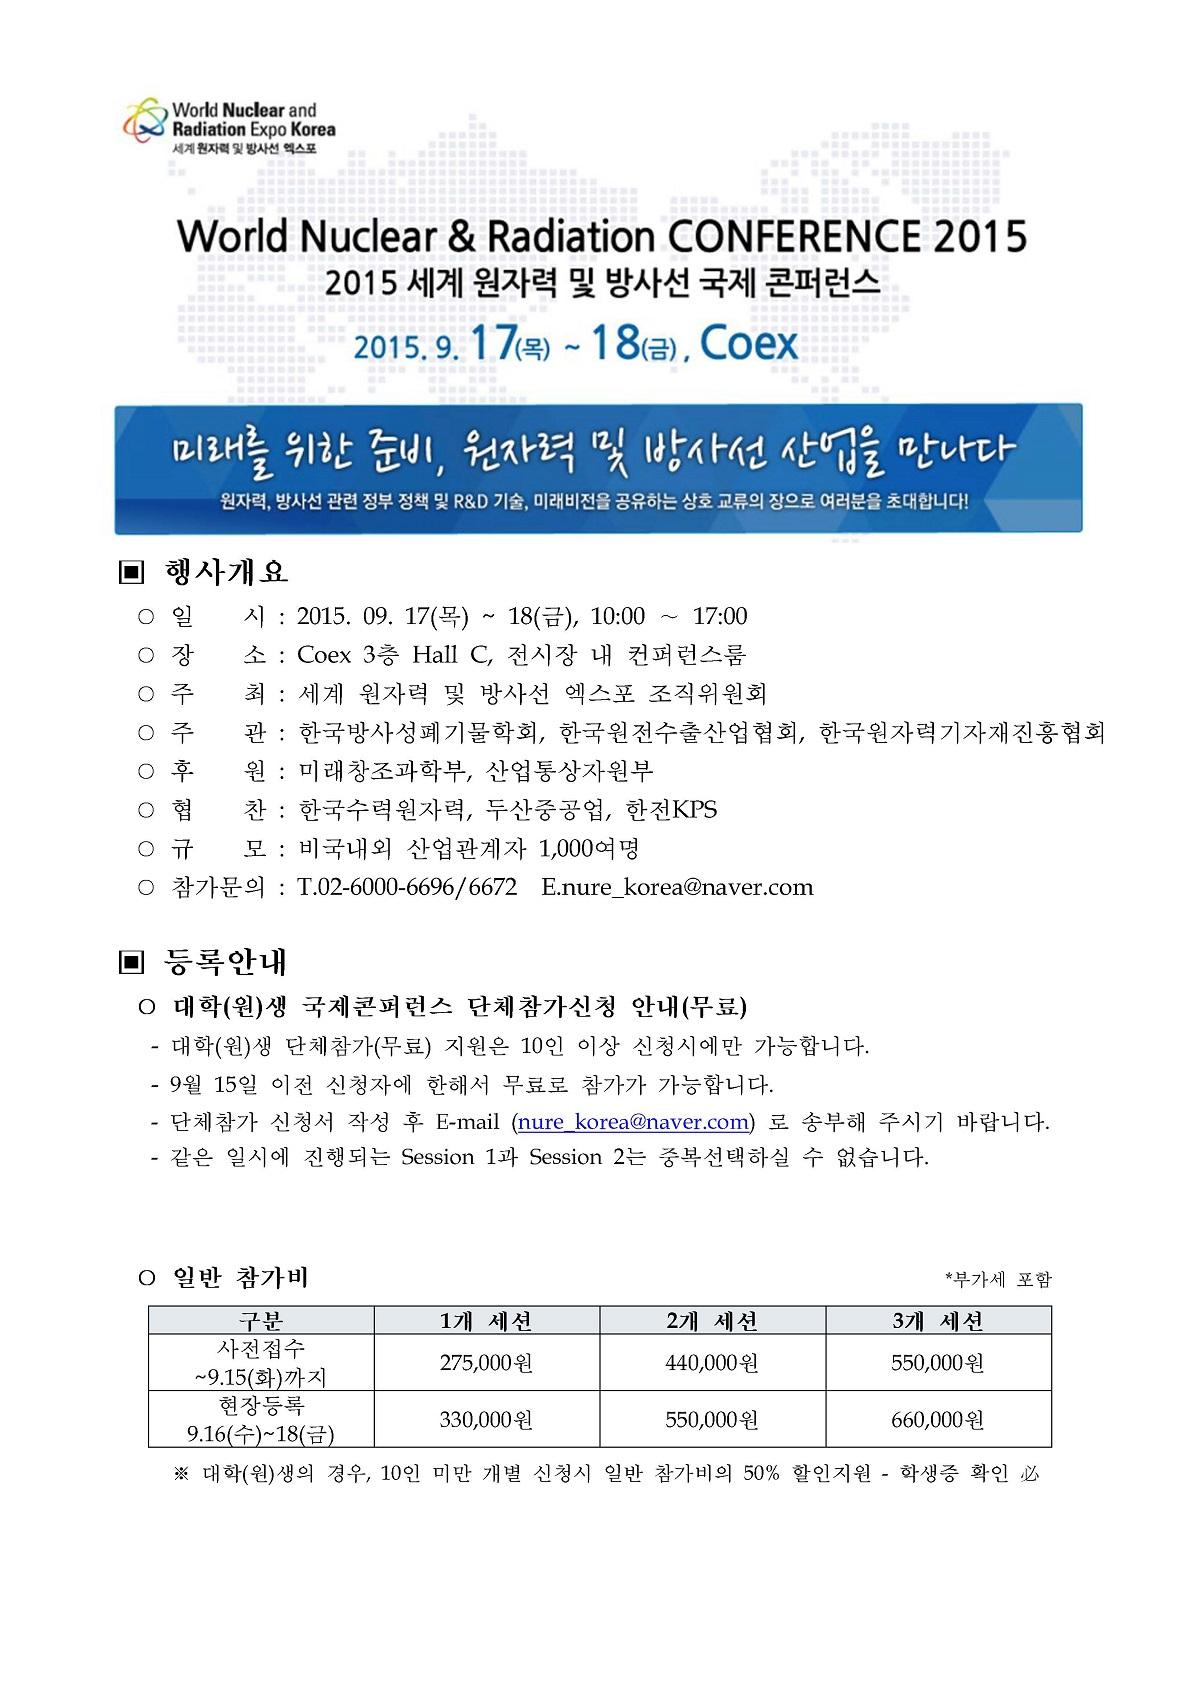 2015세계원자력및방사선엑스포_컨퍼런스_프로그램 안내문_페이지_1.jpg